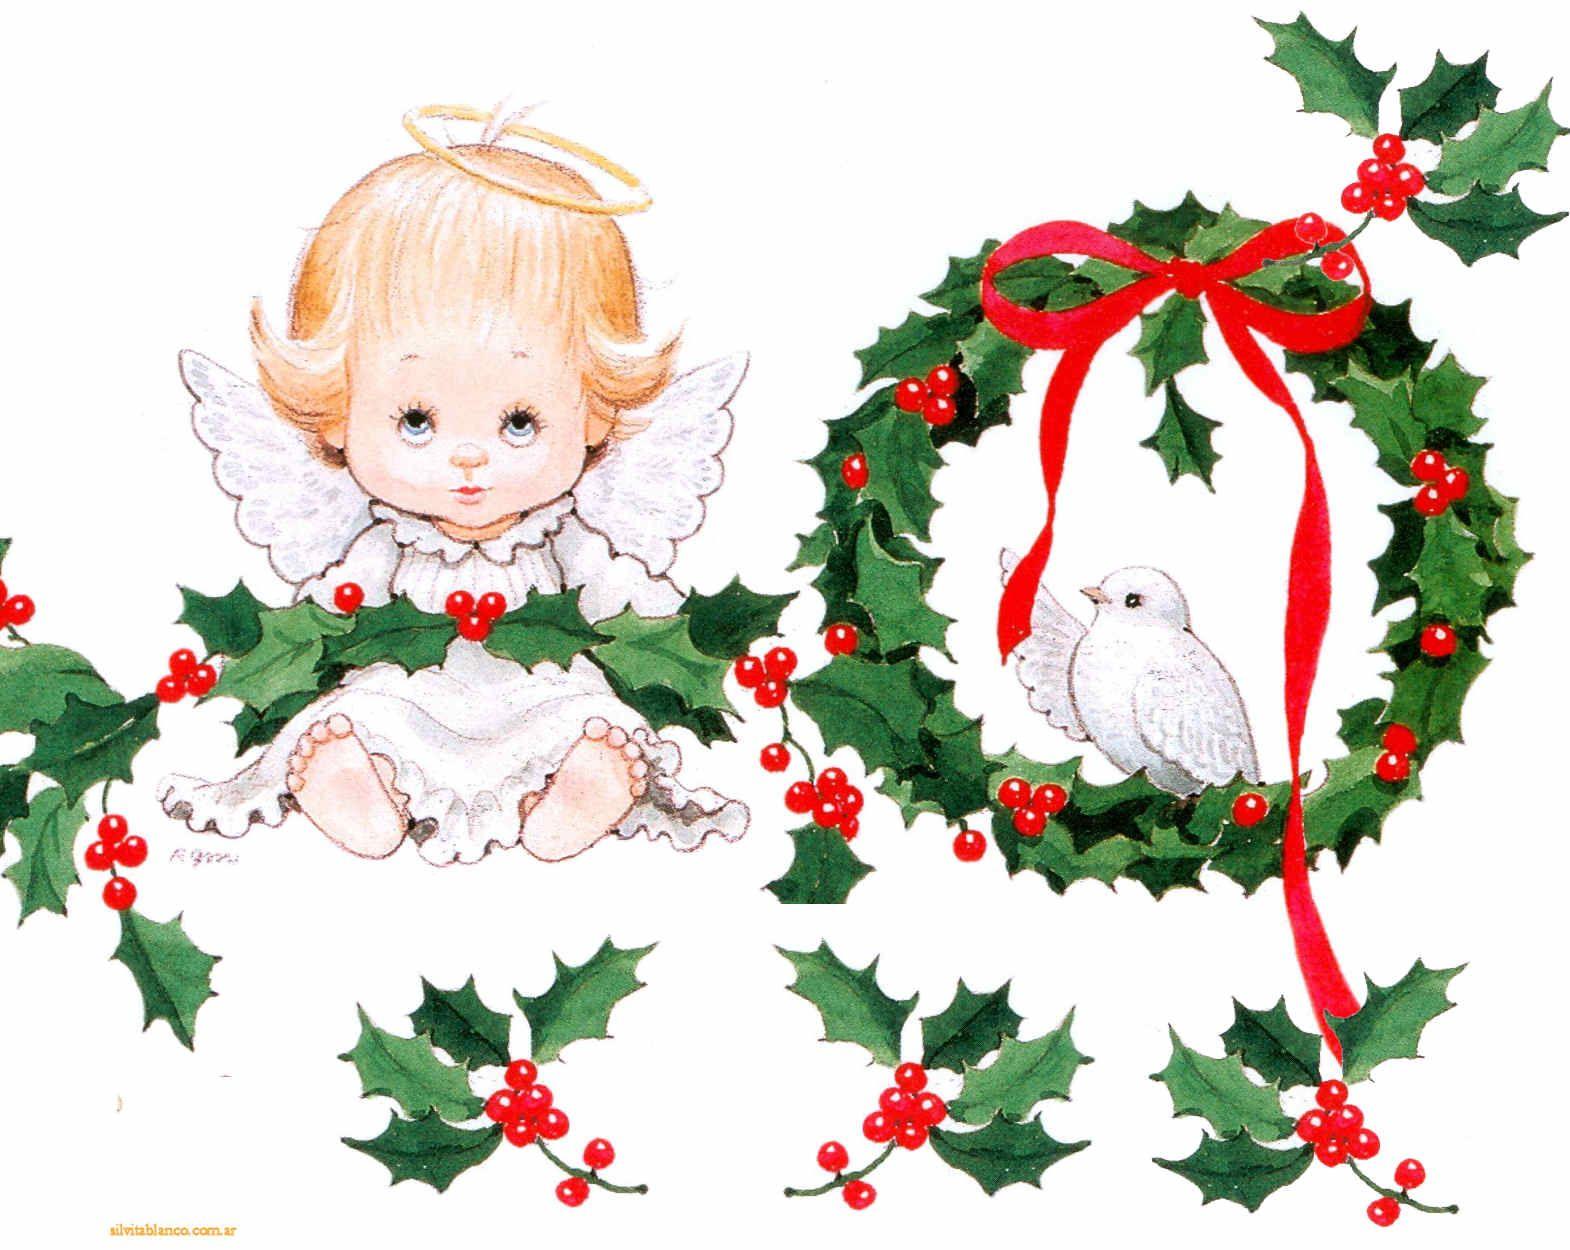 Открытки рождественские ангелочки, картинки открытки приколы